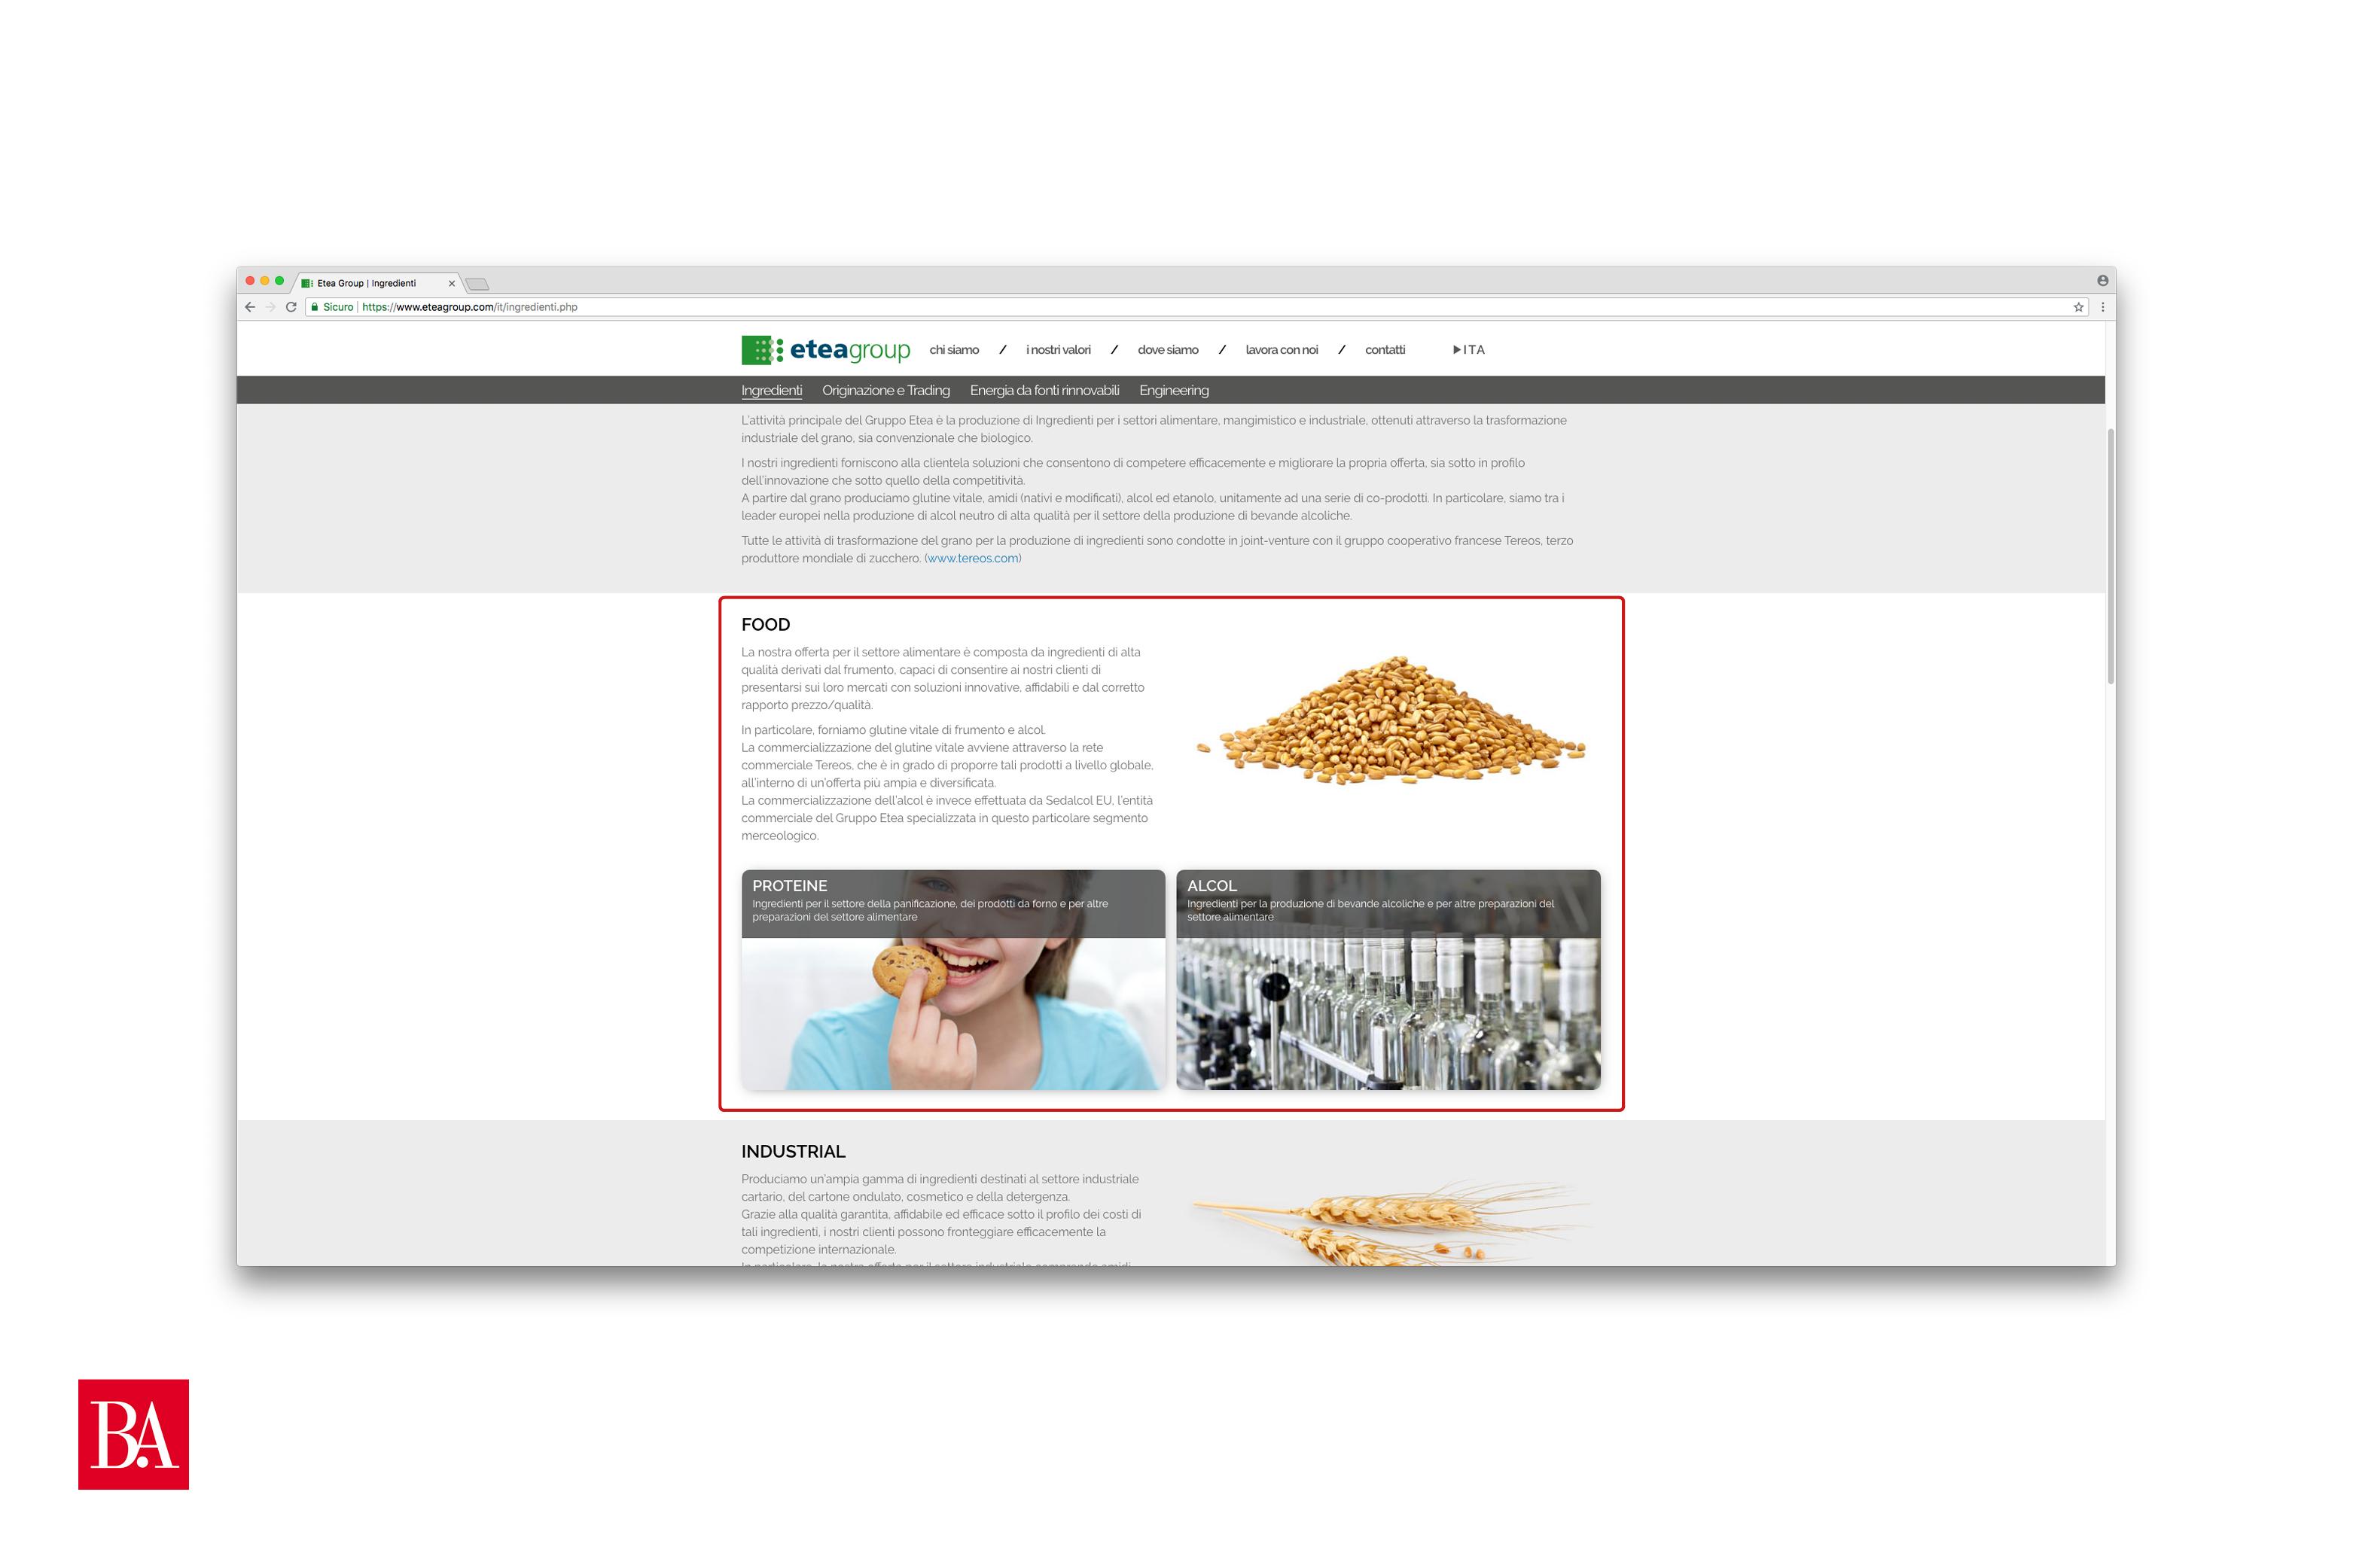 Realizzare sito - Struttura menù